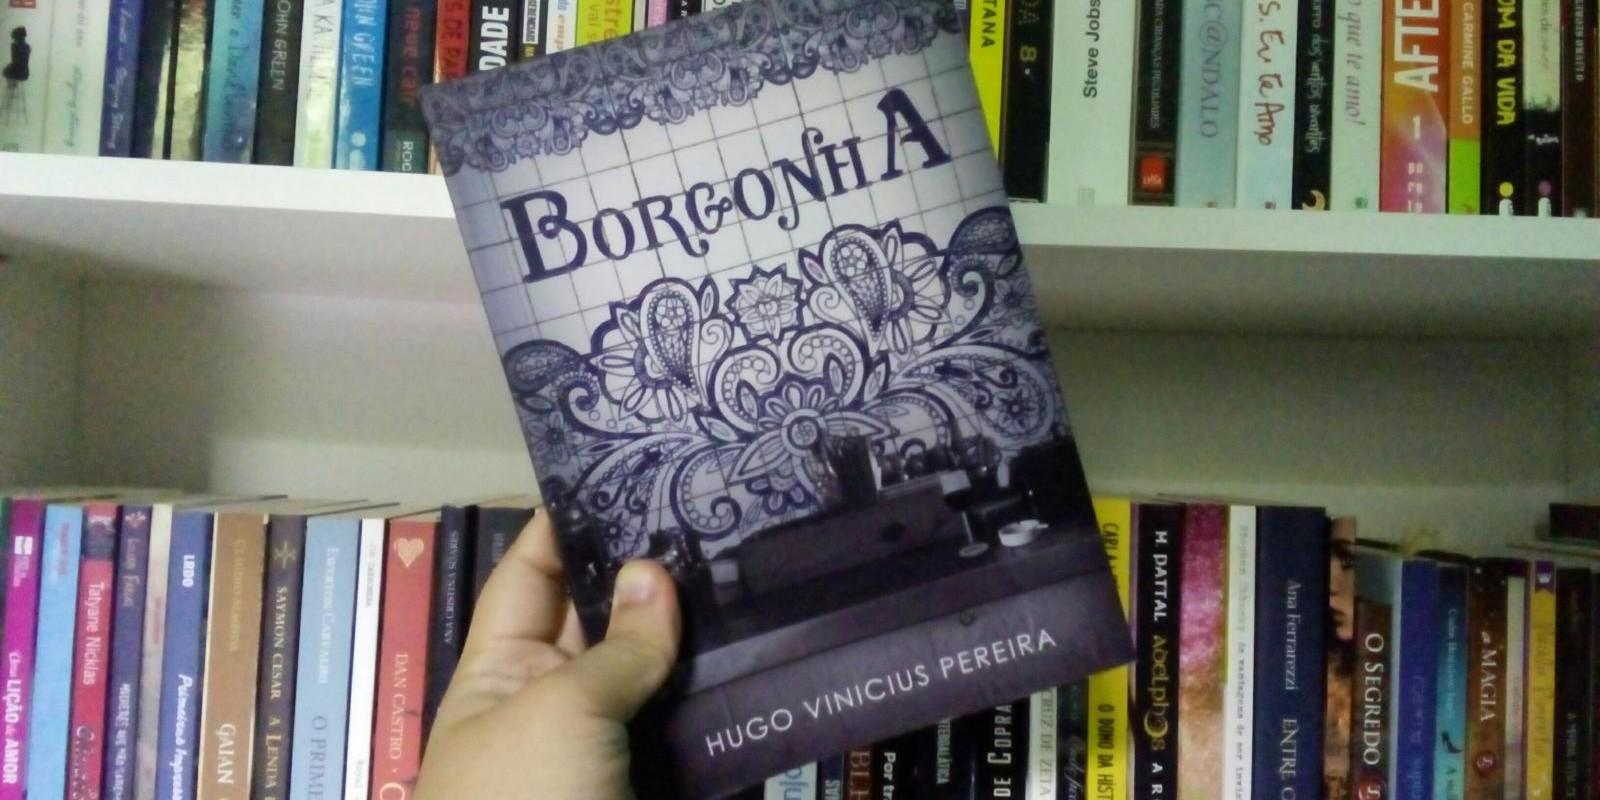 [Borgonha - Hugo Vinicius Pereira ]